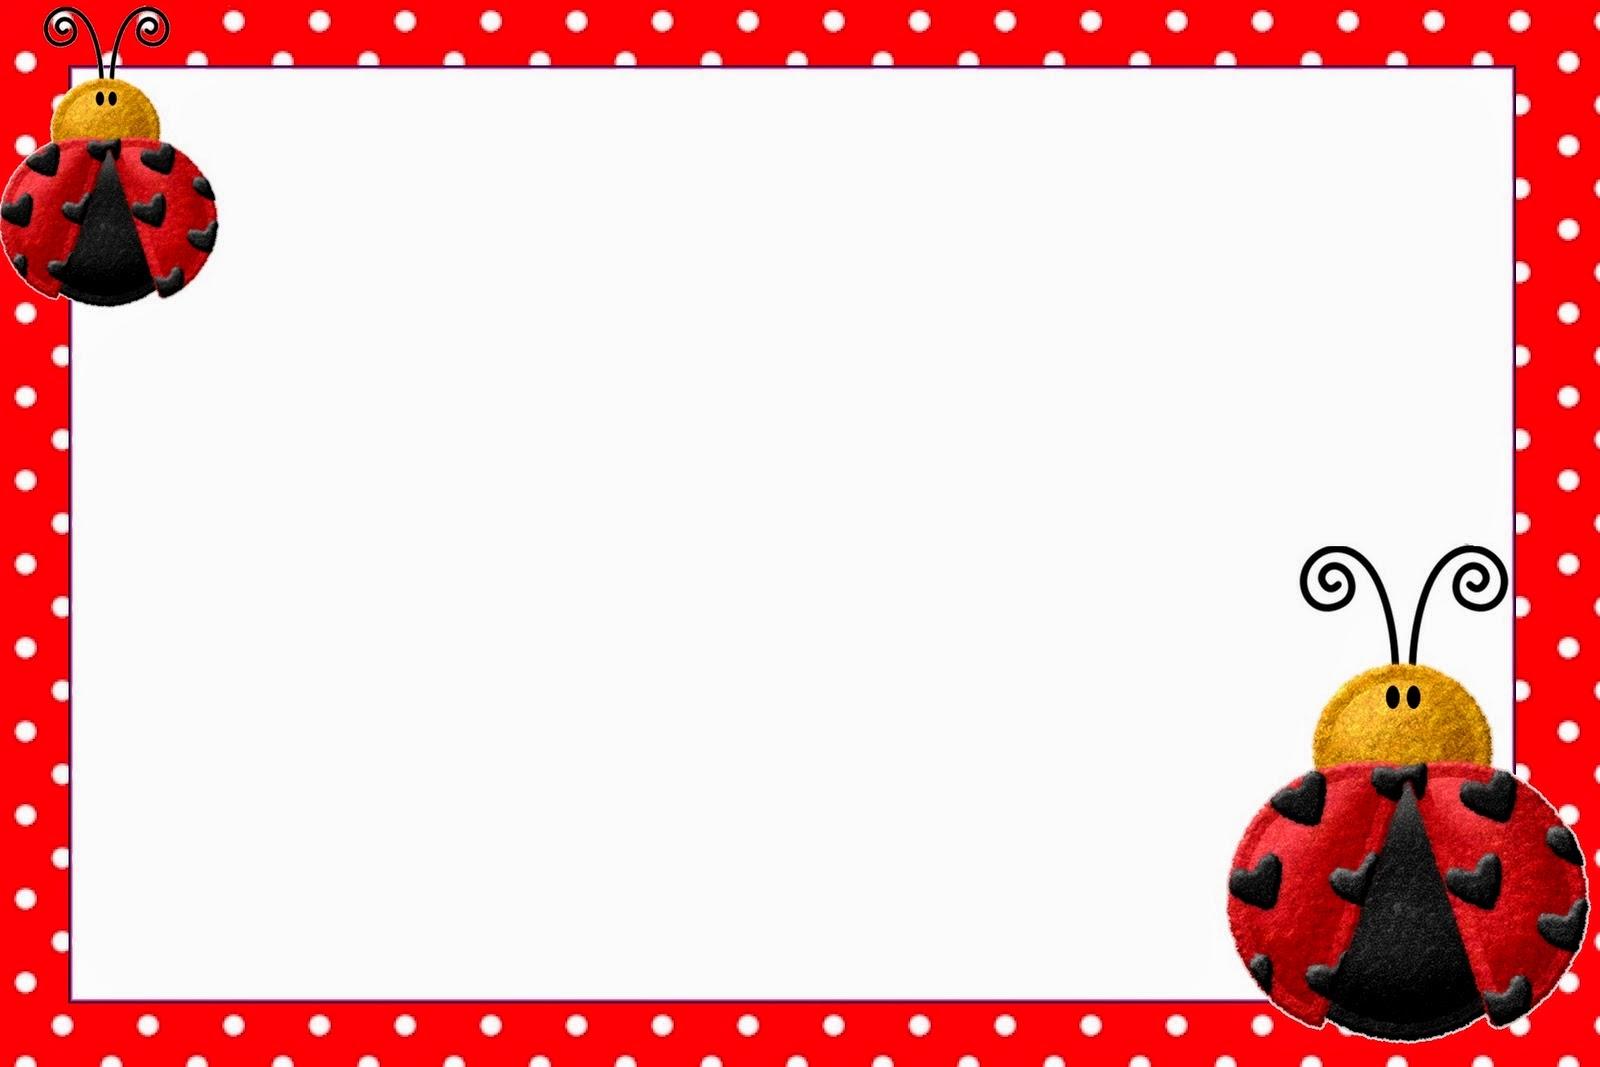 Ladybug Invitation Template - Resume Ideas - namanasa.com